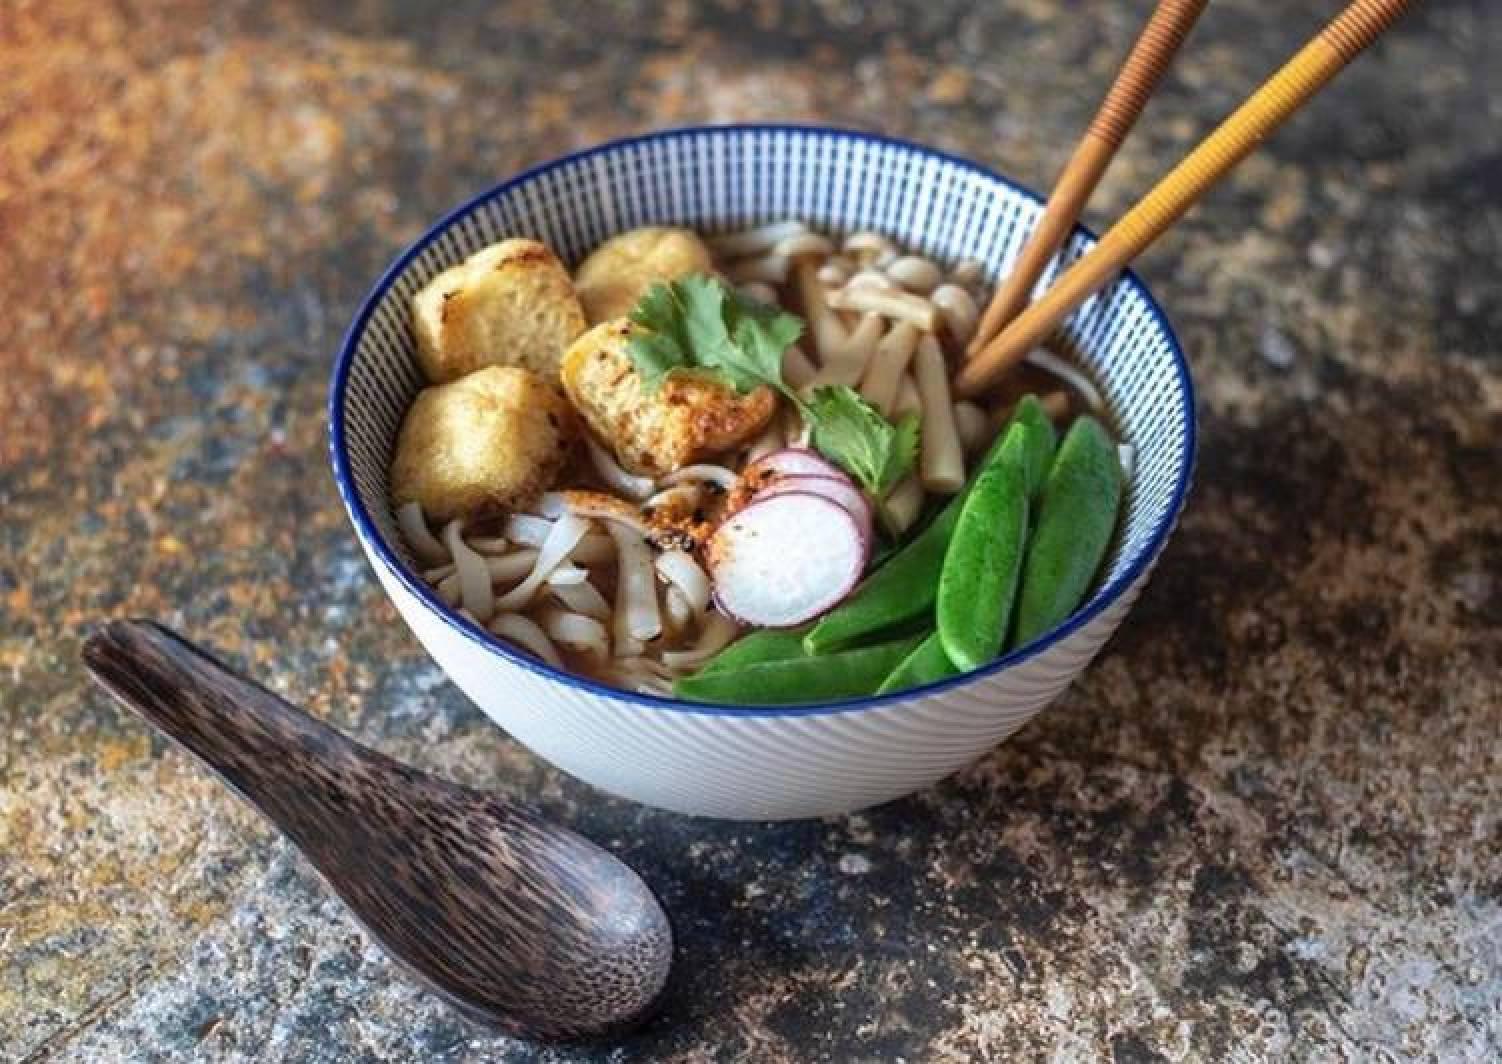 Rice noodles with crispy tofu, Enoki mushroom vegetable broth